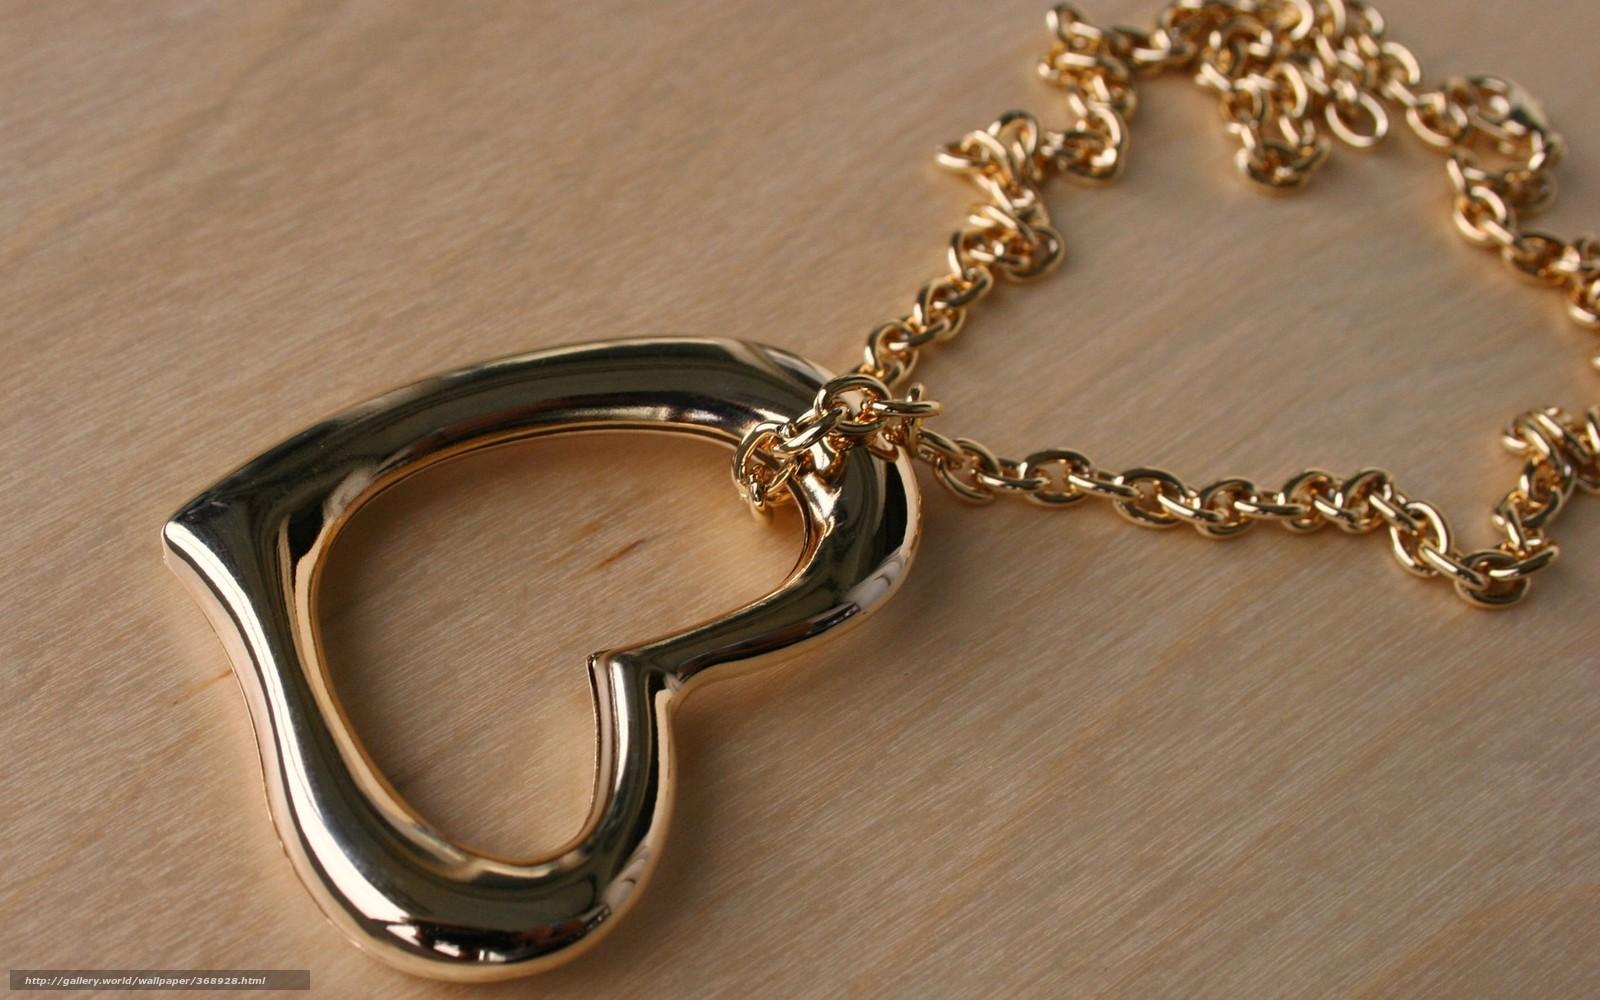 Скачать обои цепочка,  кулон,  подвеска,  золото бесплатно для рабочего стола в разрешении 1680x1050 — картинка №368928